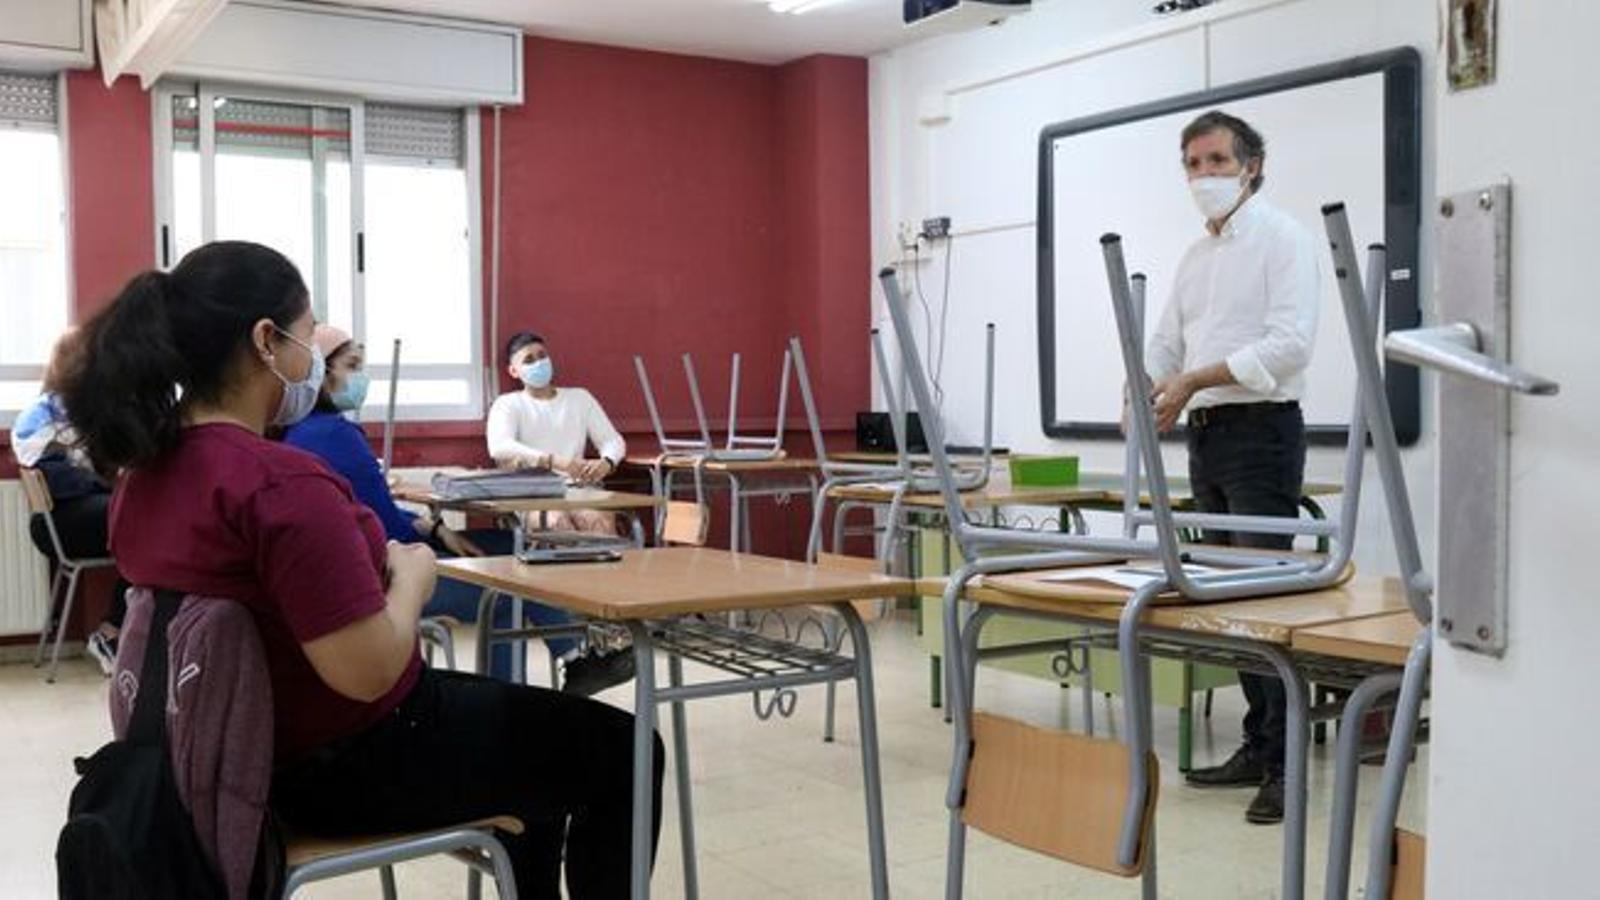 Un professor i els seus alumnes a una aula d'un centre educatiu